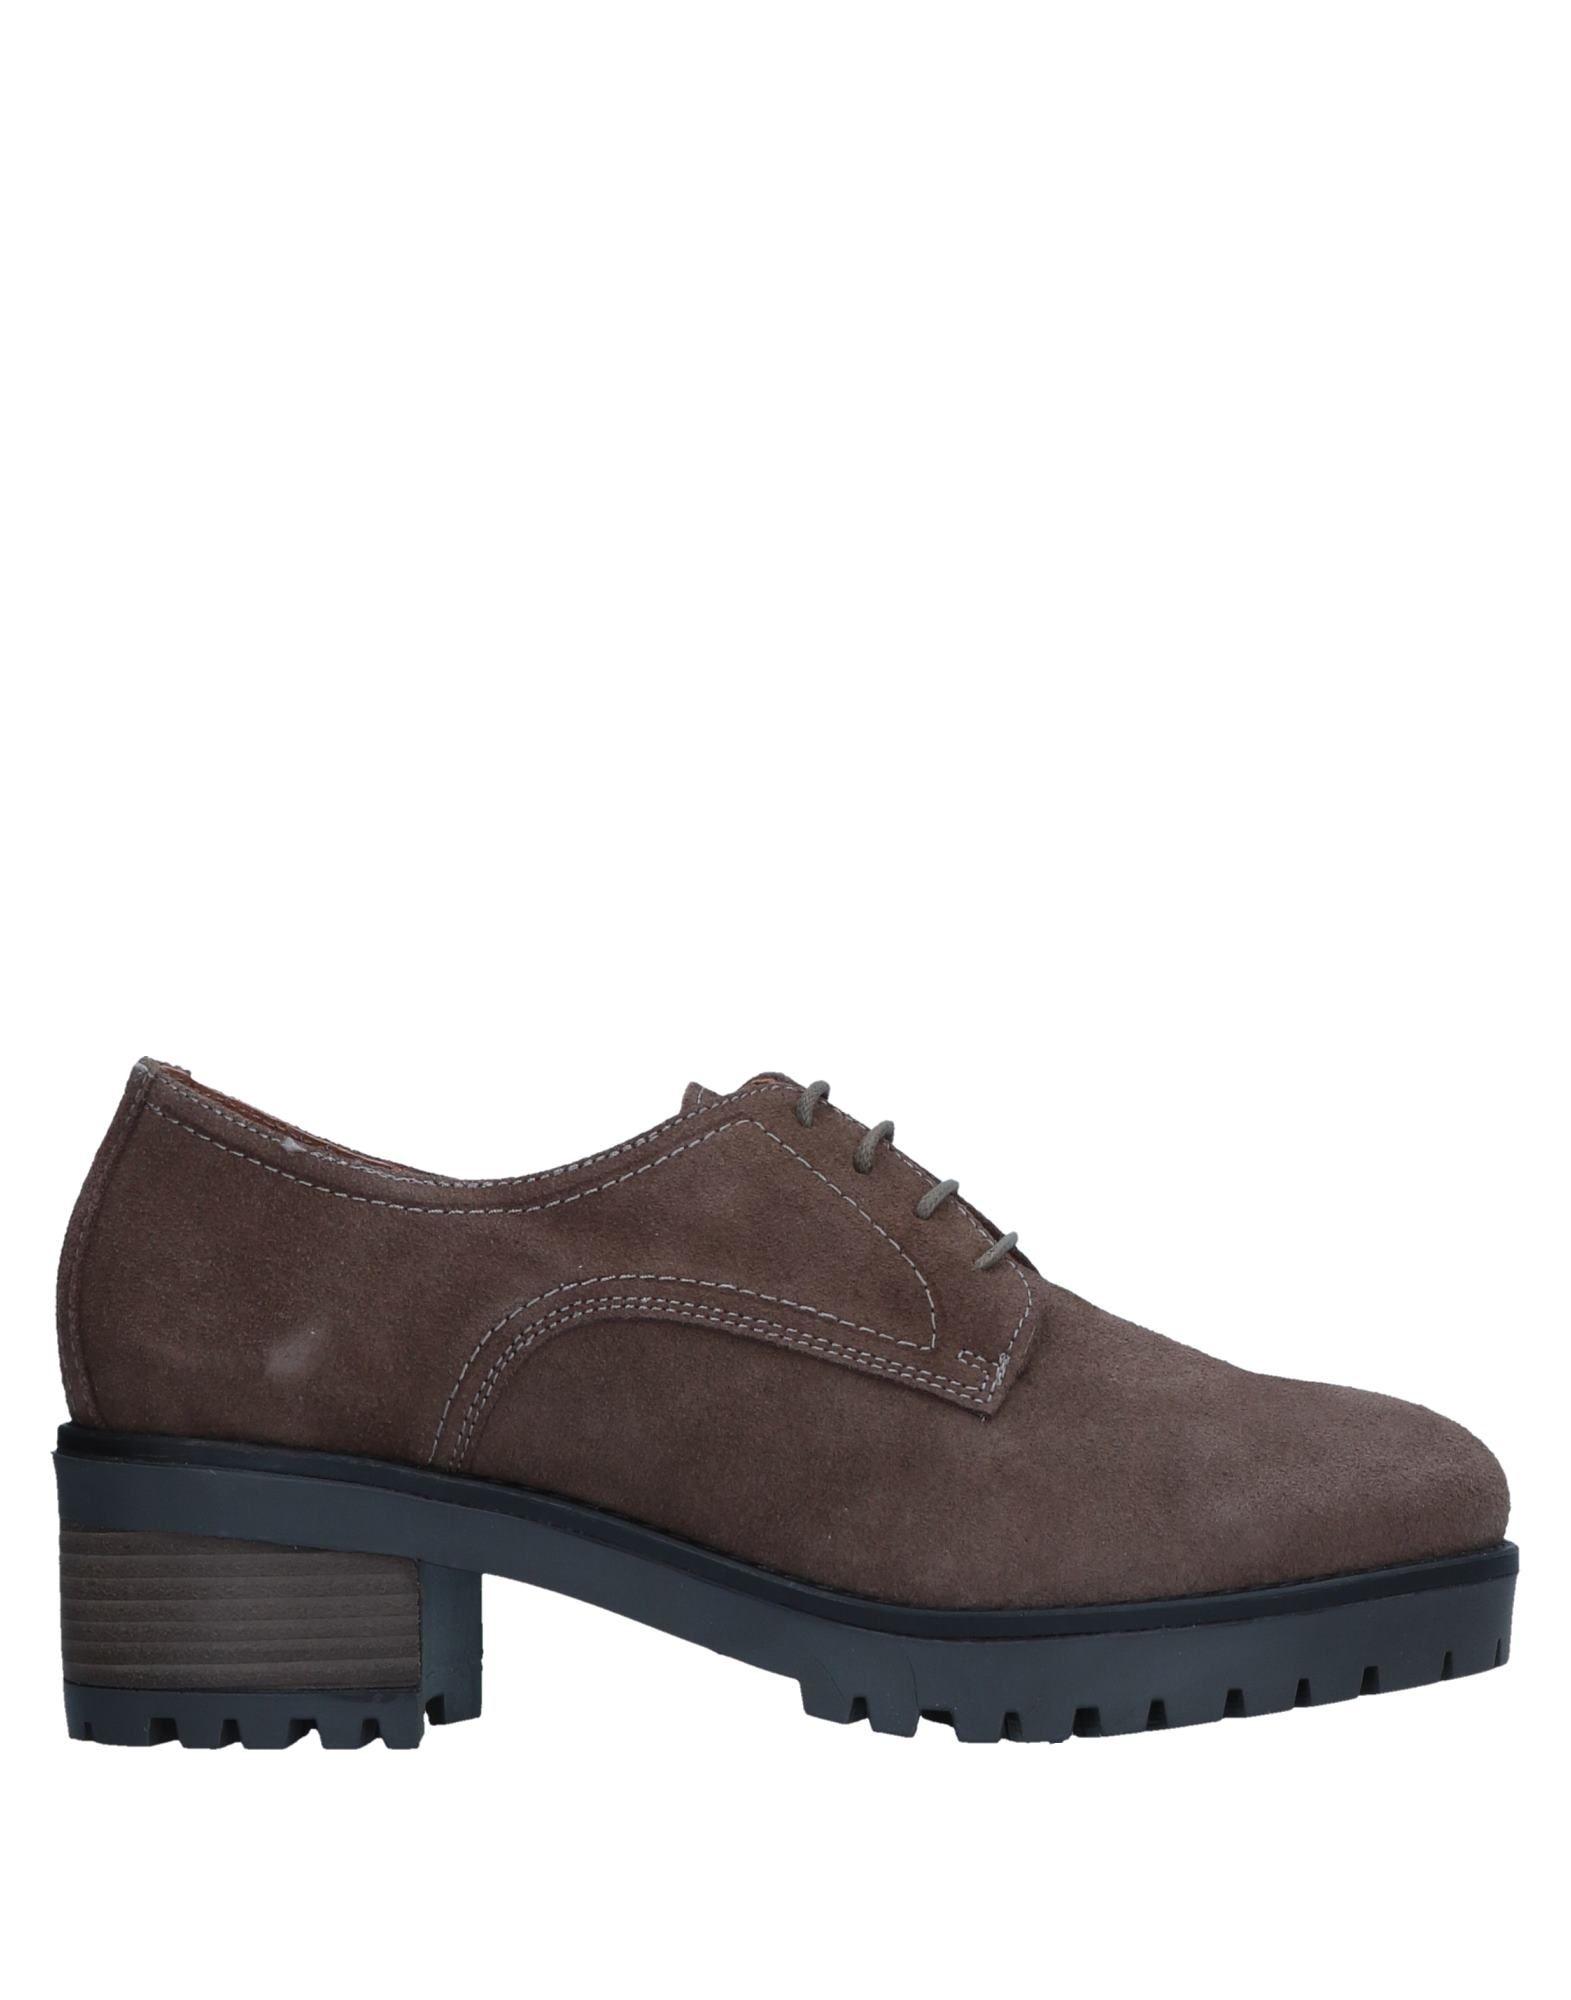 Flavio Creation Schnürschuhe Damen  11547549GA Gute Qualität beliebte Schuhe